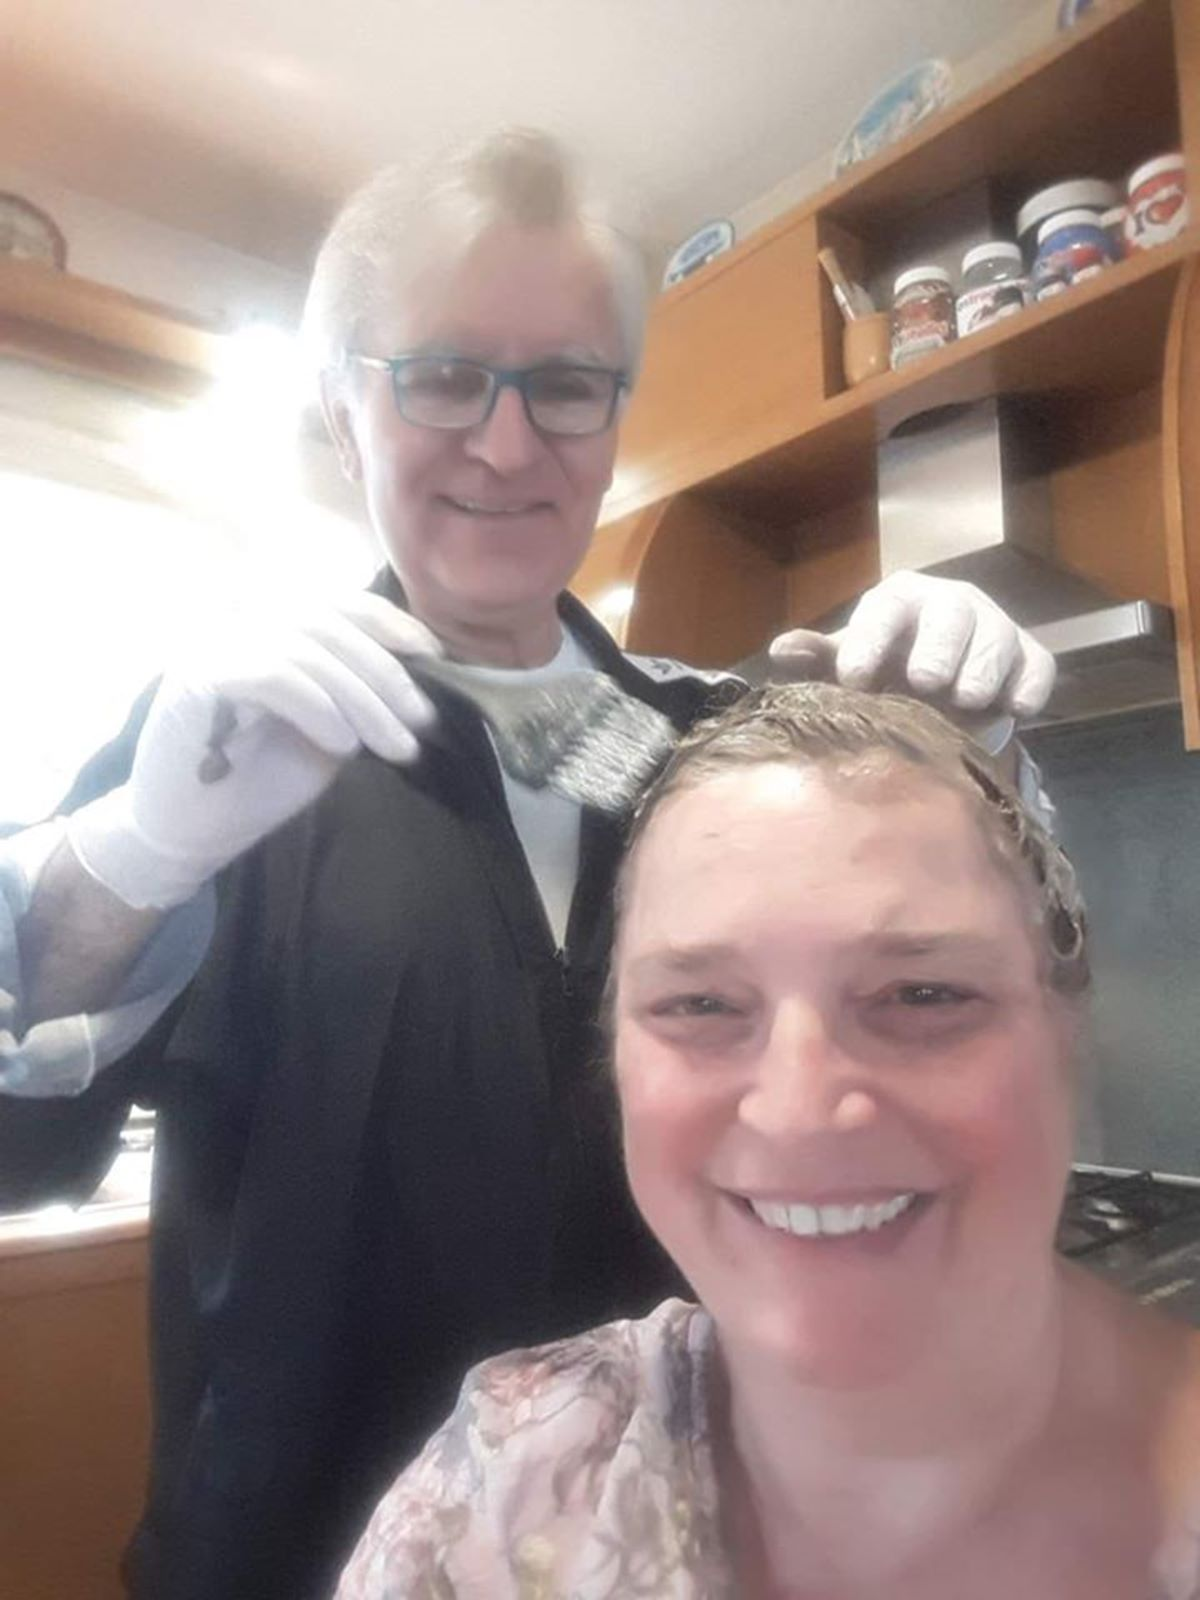 Λαρισαίος δημοτικός σύμβουλος αυτοτρολάρεται ανεβάζοντας φωτογραφία να βάφει την κώμη της συζύγου του (φωτο)